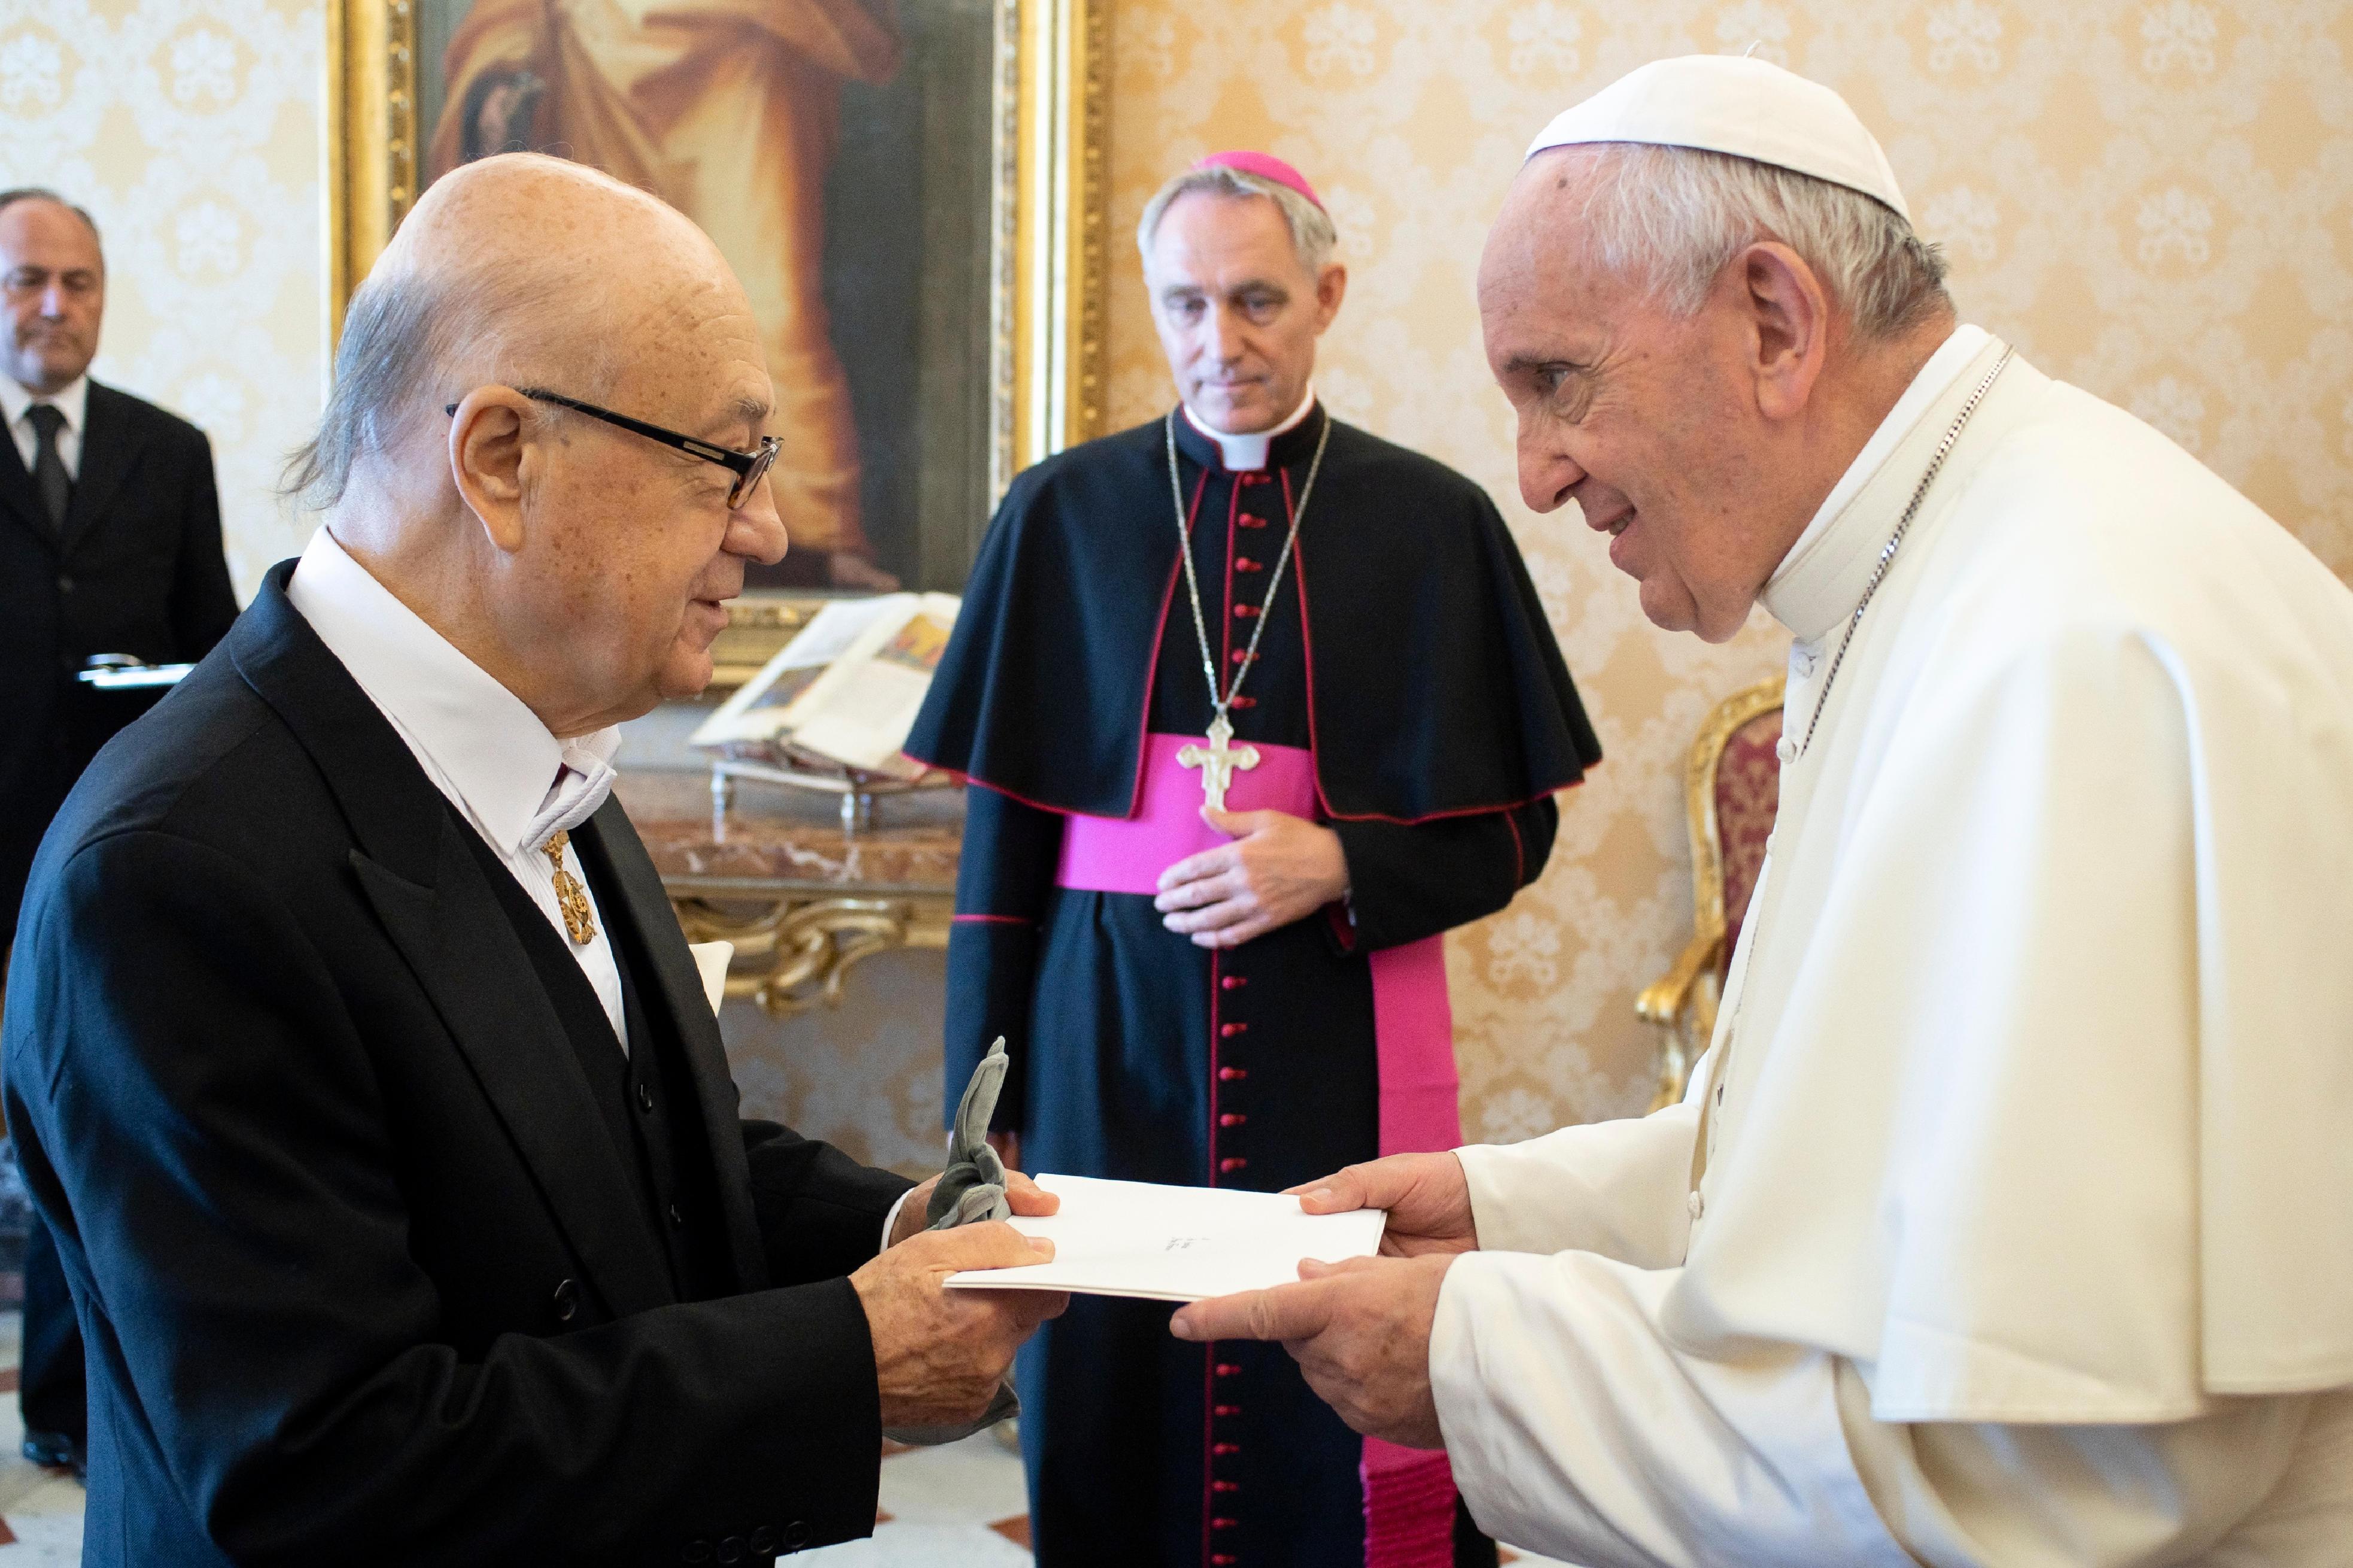 El nuevo embajador de Chile entrega sus cartas credenciales al Papa © Vatican Media